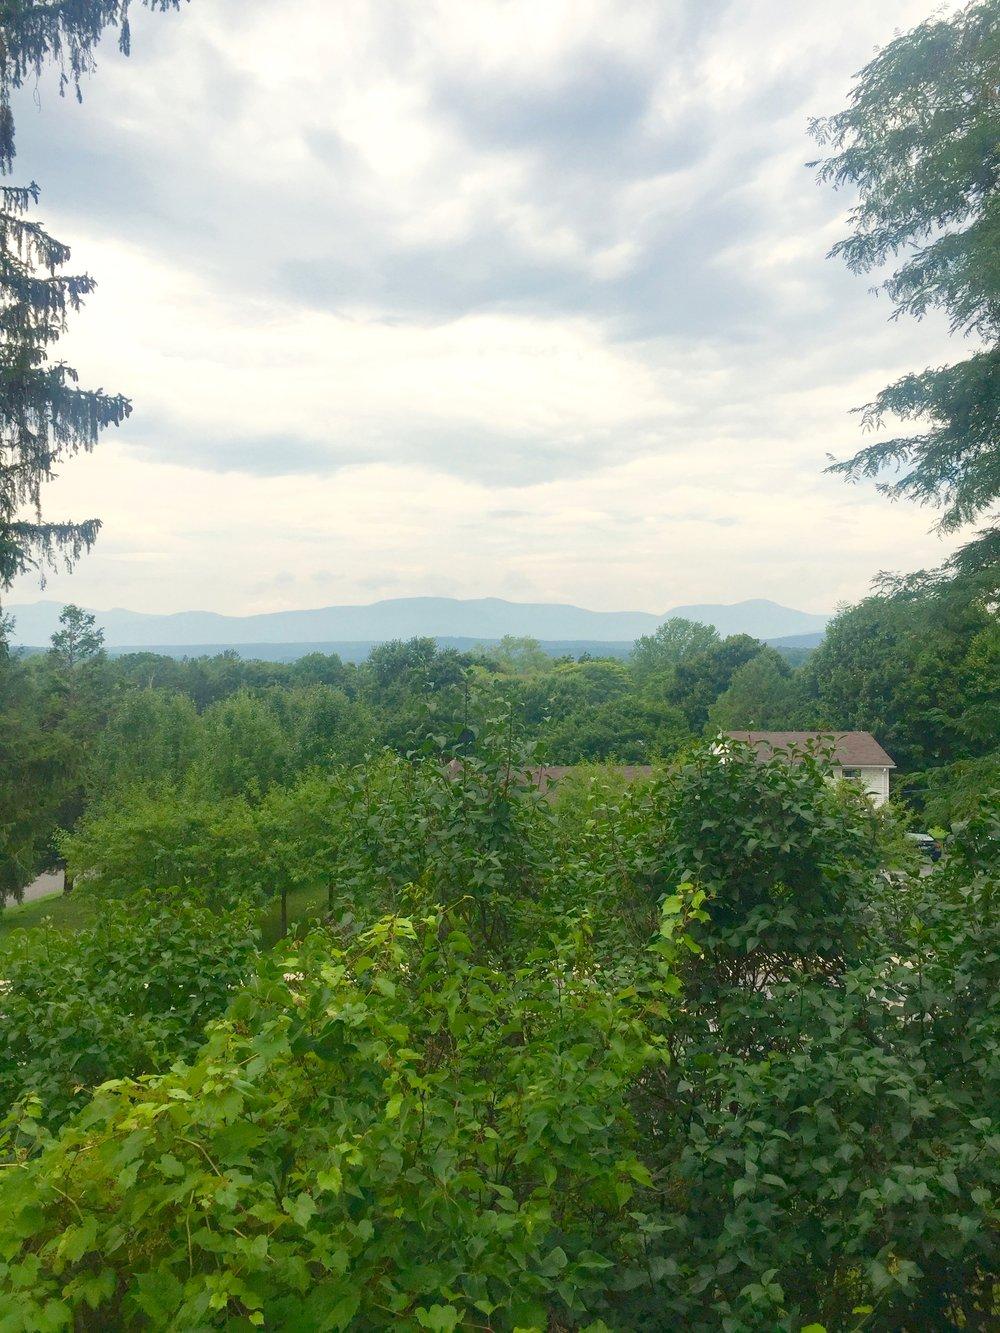 thomas cole house mountain view